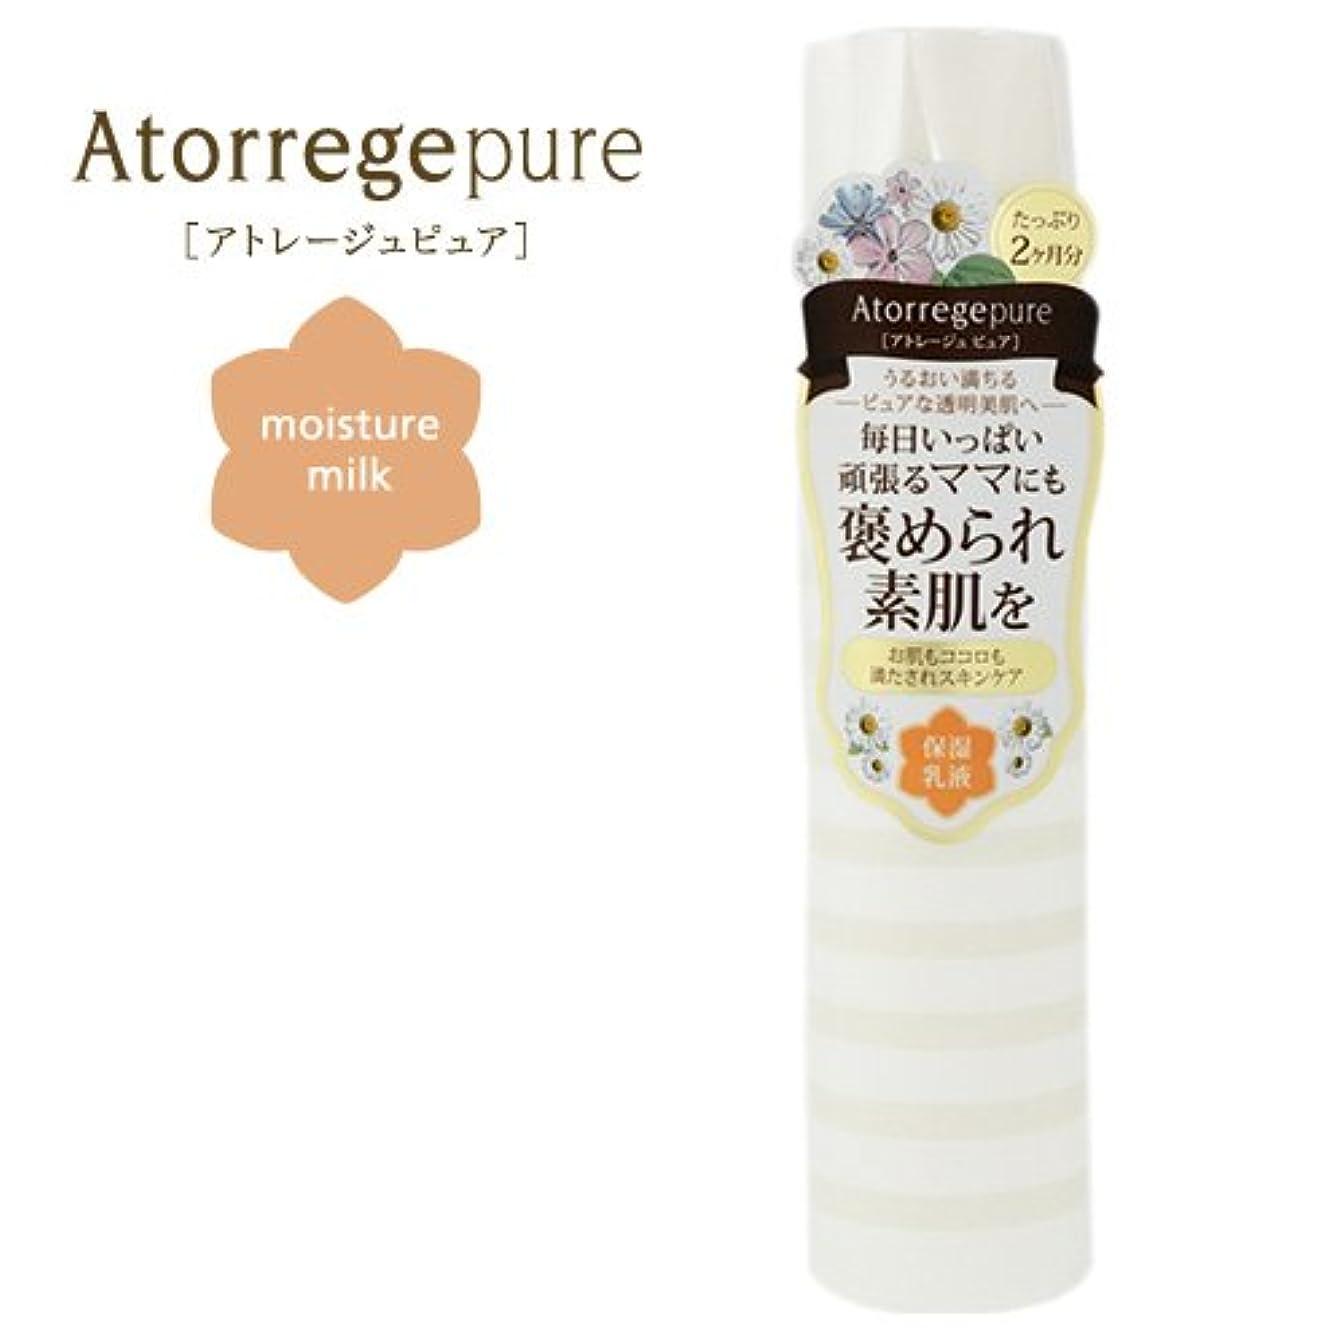 絡まる局ブラインドアトレージュピュア モイスチュアミルク (保湿乳液) 120mL